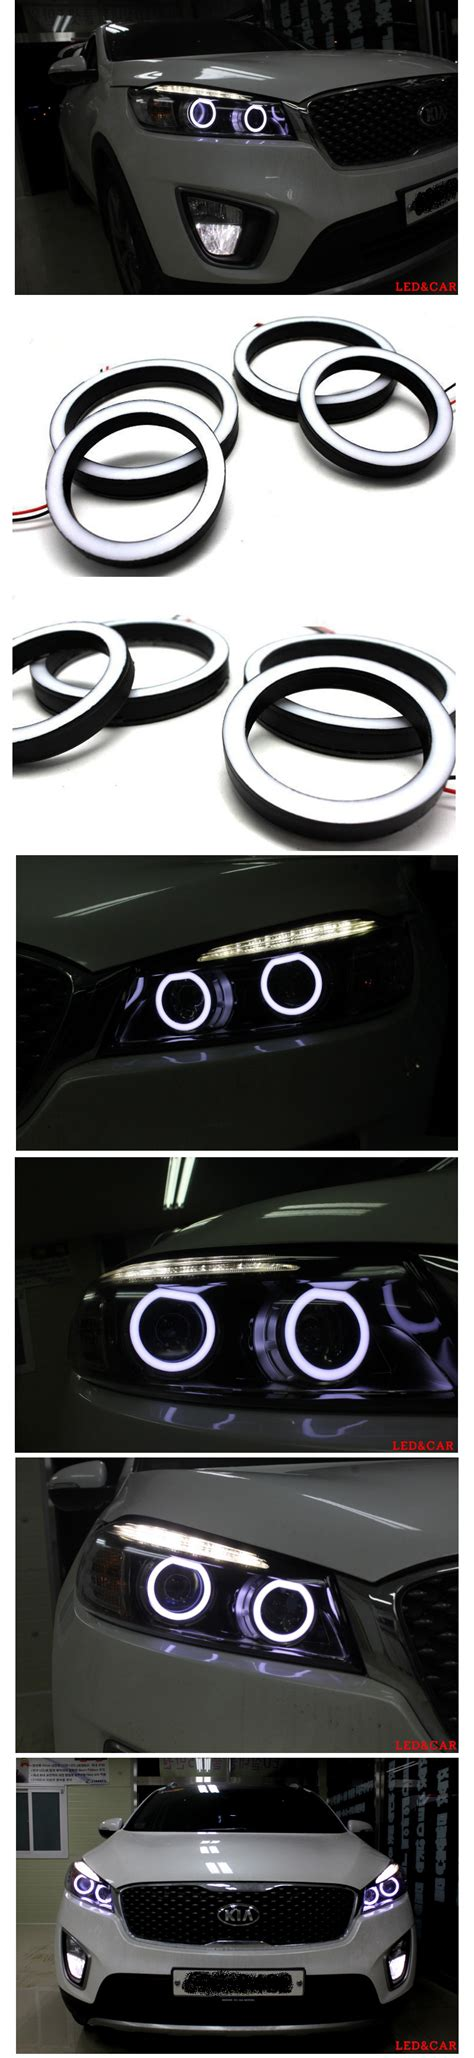 nearest motor vehicle l lights white led surface emitting circle eye for